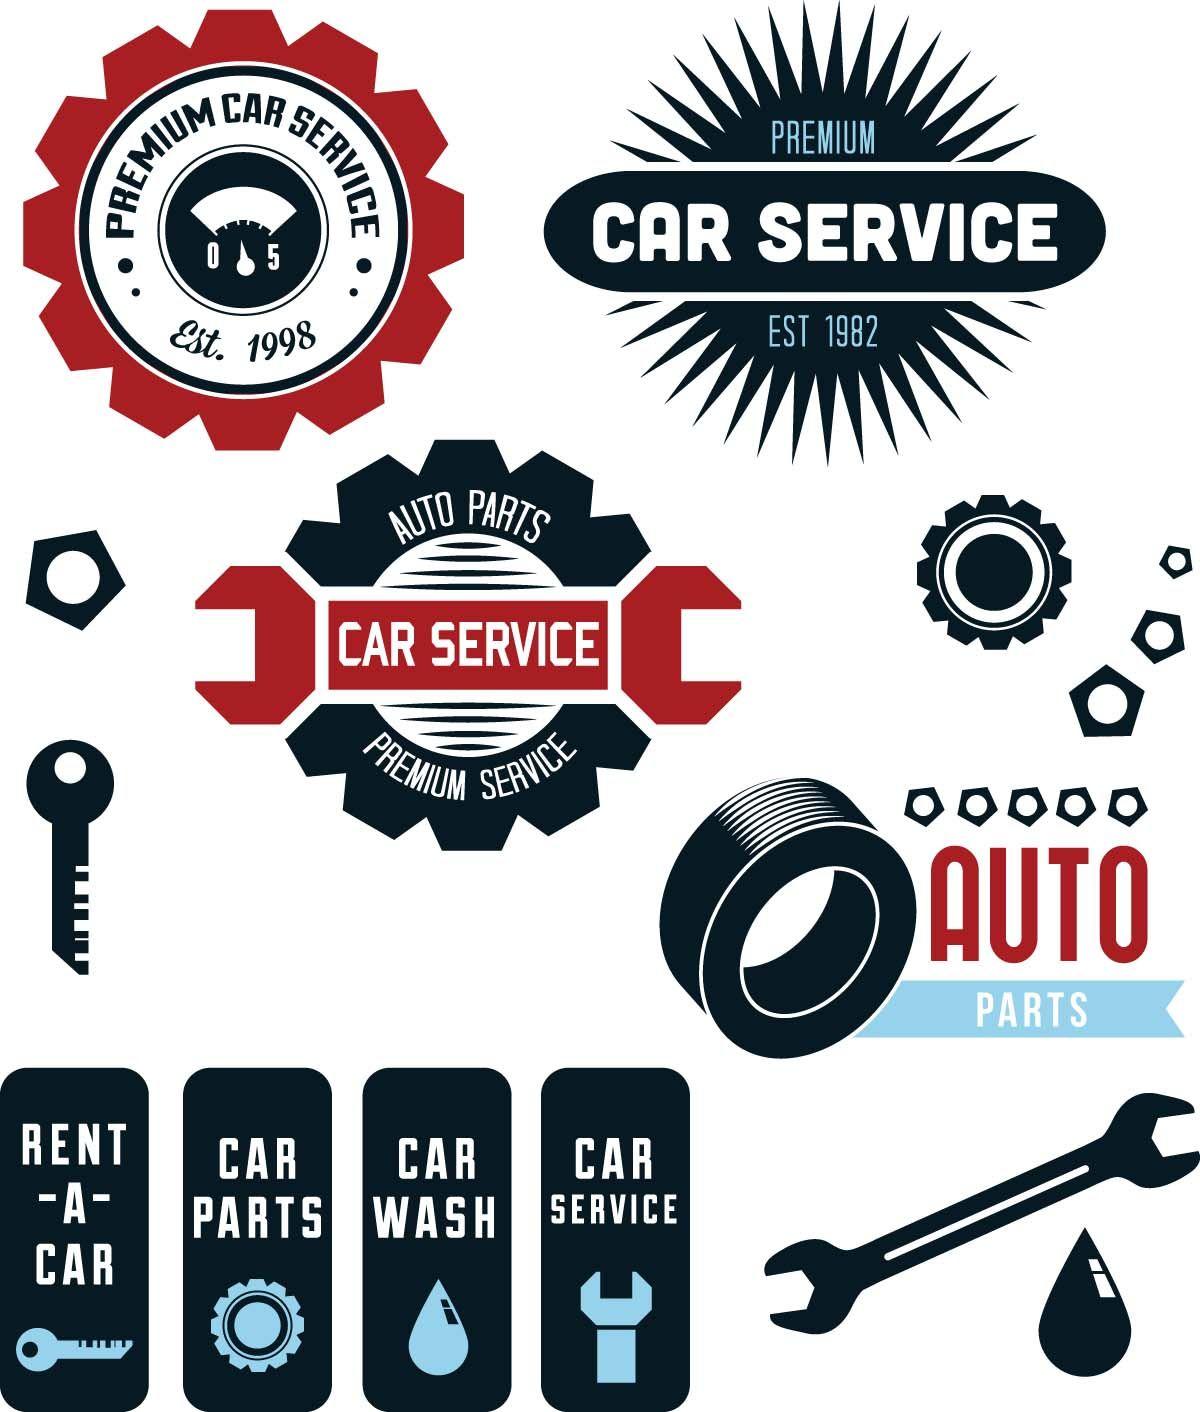 Vintage vector car service labels Business card design